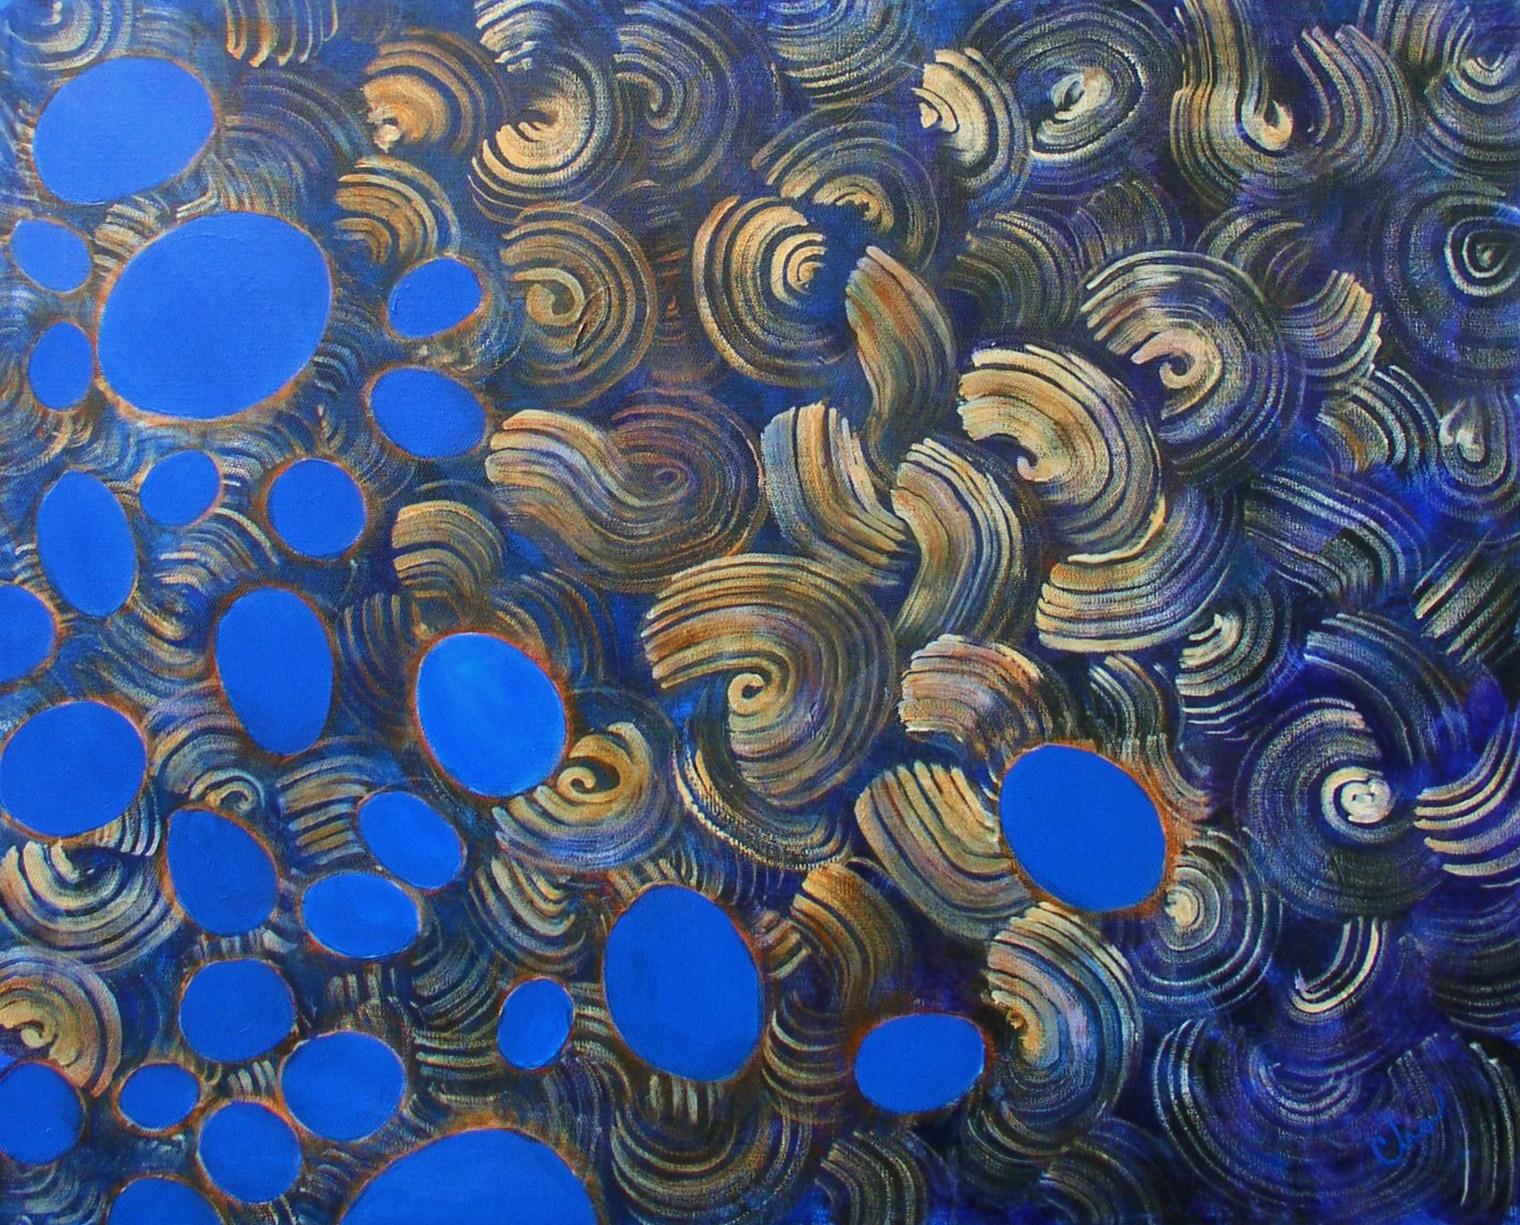 Bleu von Swerl--24x30--Dec 2010